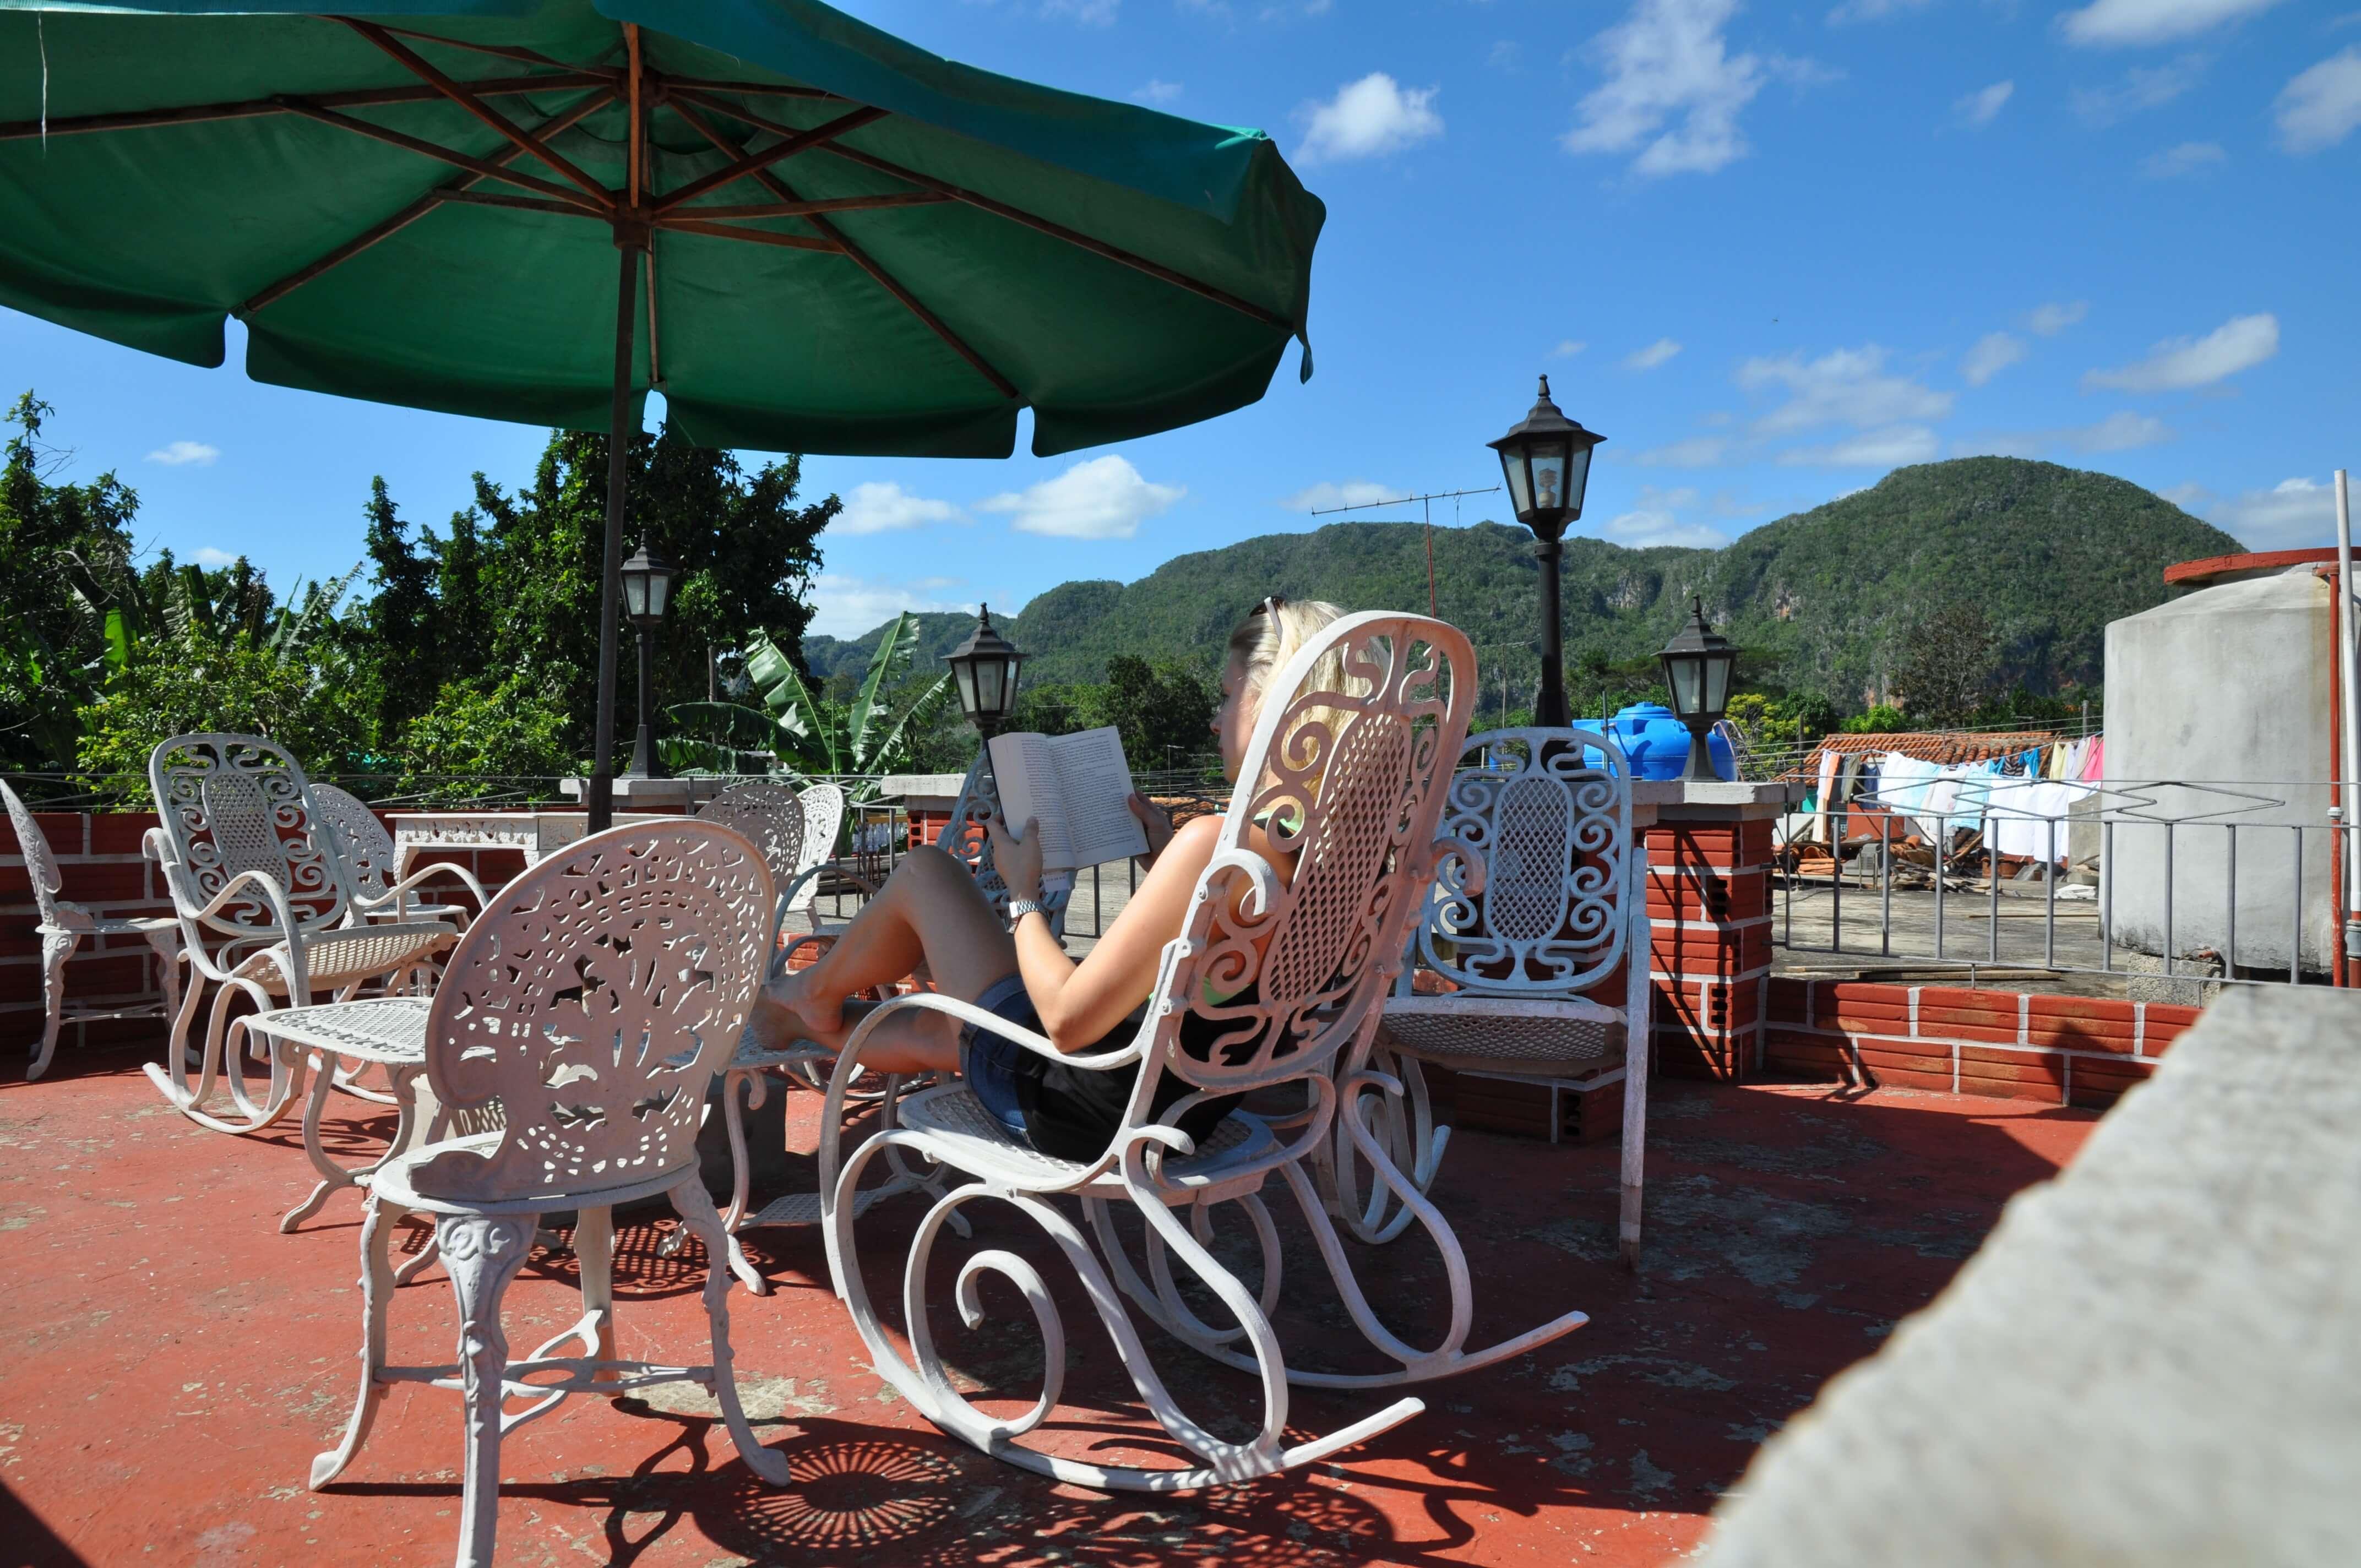 Yoga retreat in Vinales auf Kube. Relaxen auf dem Dach der Unterkunft mit Blick auf das Tal von Vinales auf Kuba.